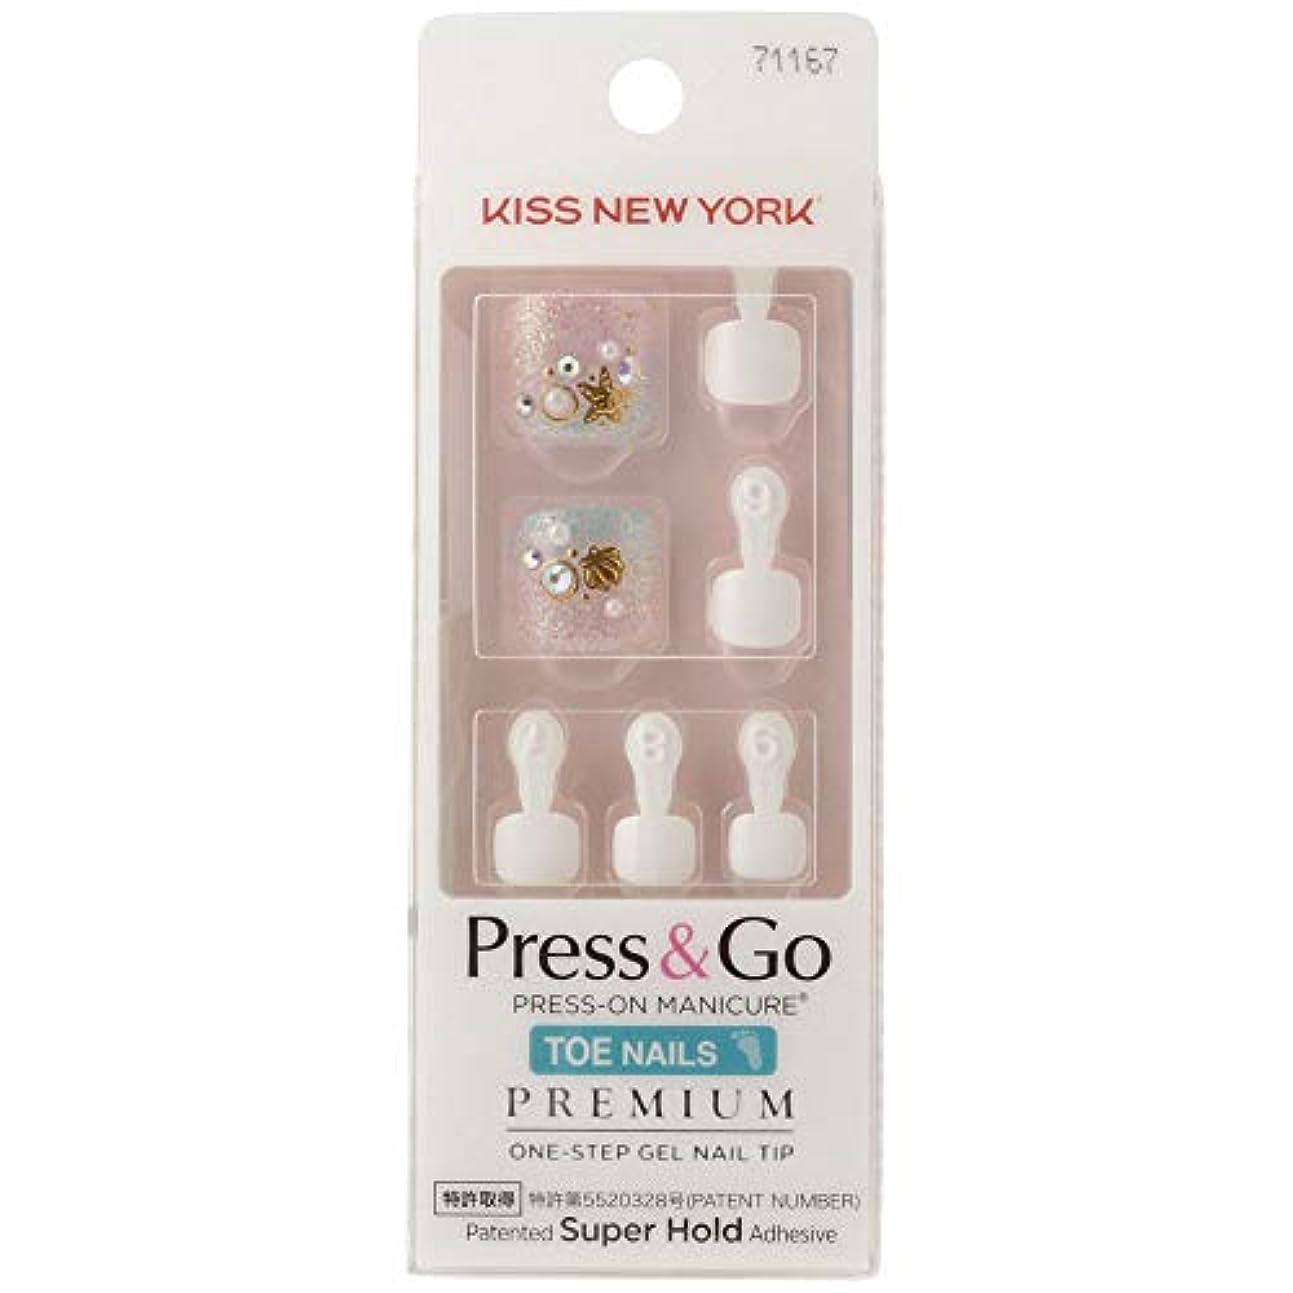 エスニック意味するブランチキスニューヨーク (KISS NEW YORK) KISS NEWYORK フットネイルチップPress&Go BHJT08J 18g